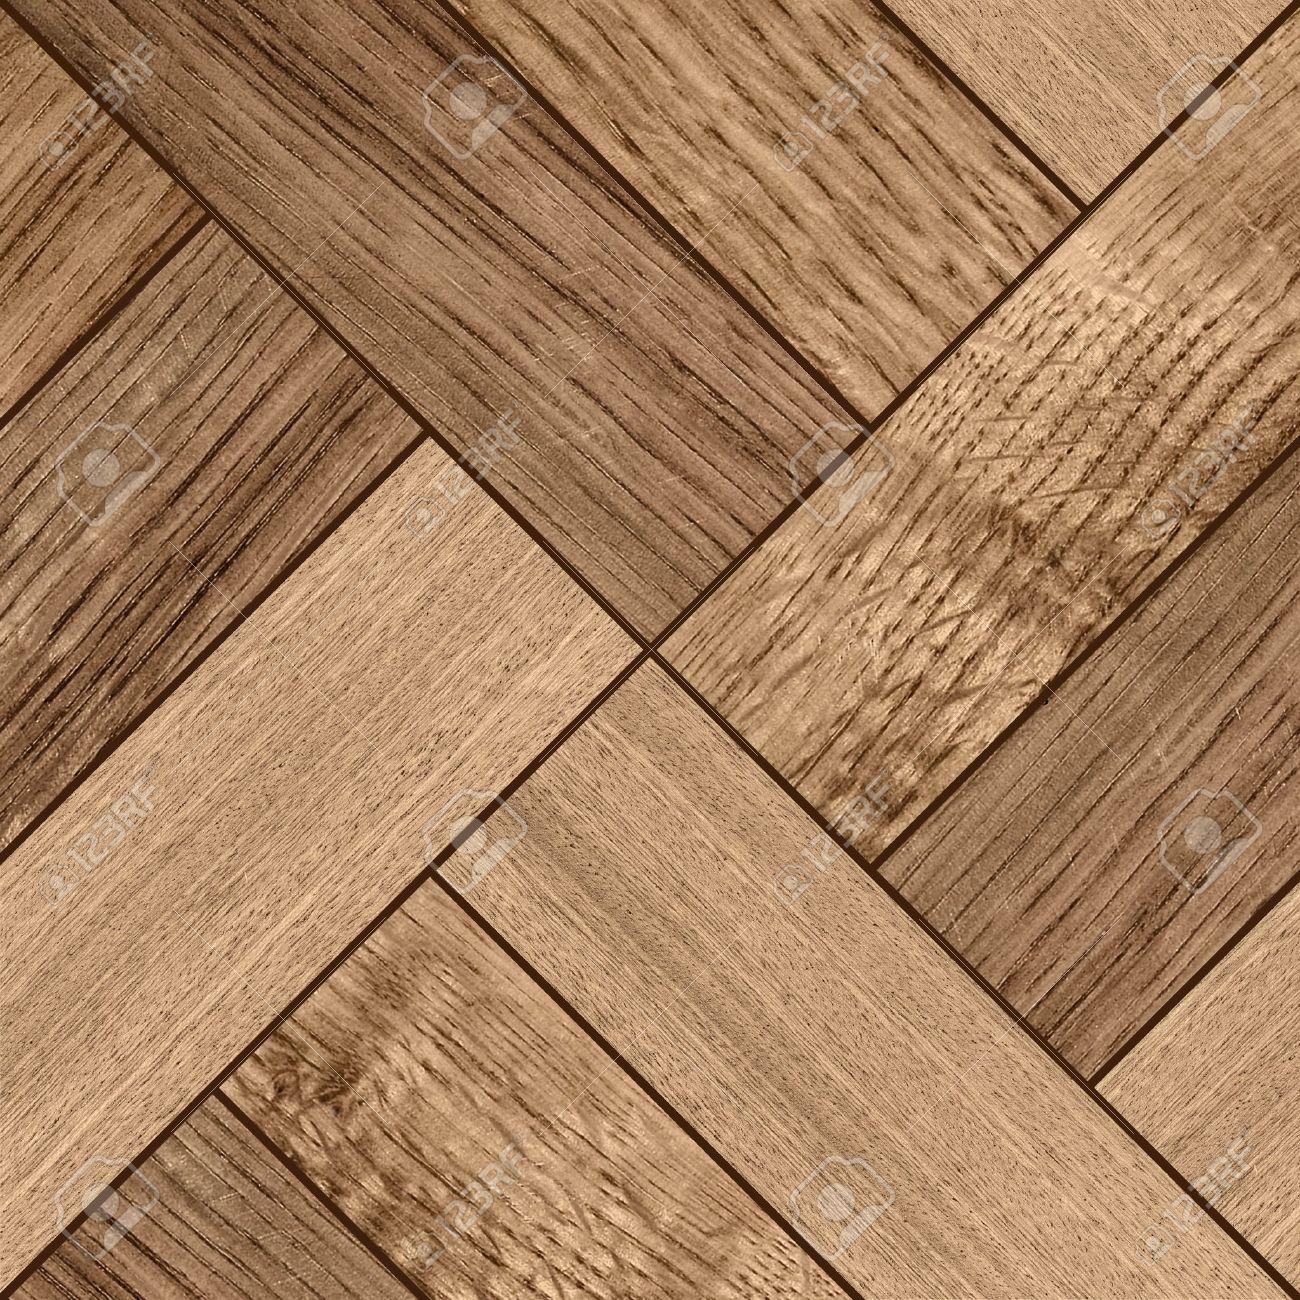 Parkettboden dunkelbraun  Texture Feinen Dunkelbraunen Parkettboden Lizenzfreie Fotos ...